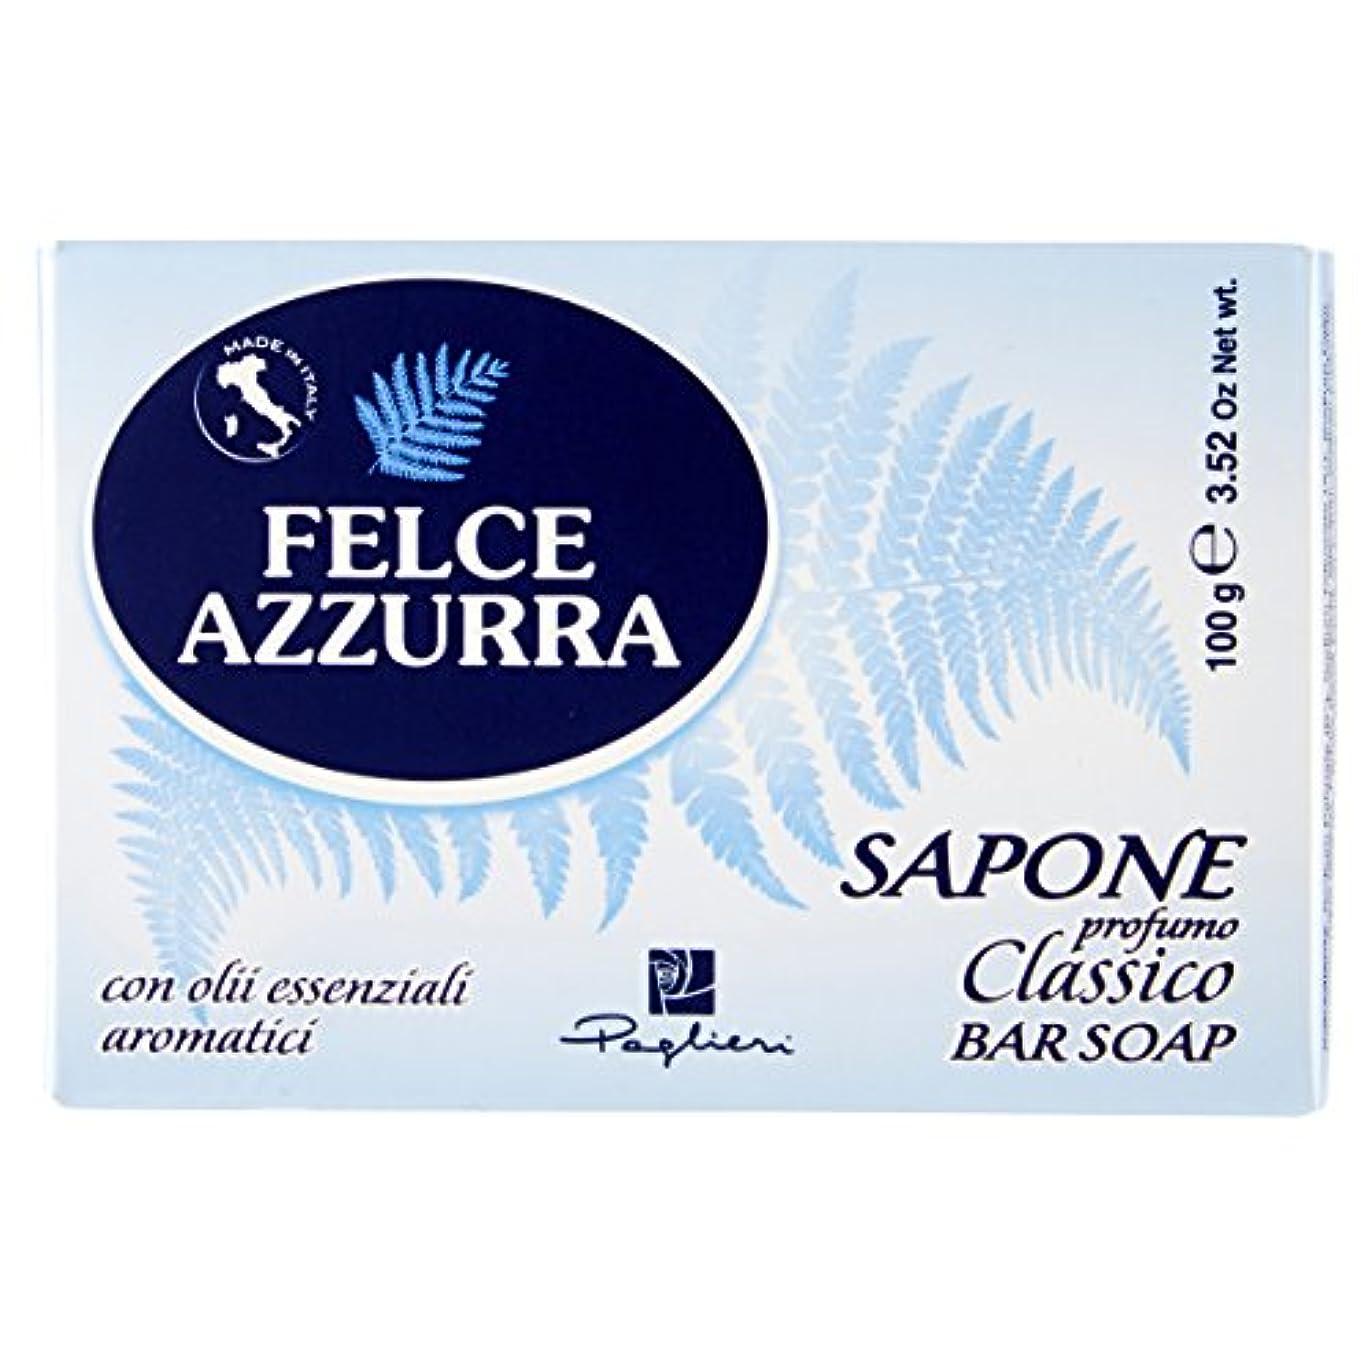 アナロジー予想外山積みのFelce Azzurra Classico Bar Soap 100g soap by Felce Azzurra by Felce Azzurra